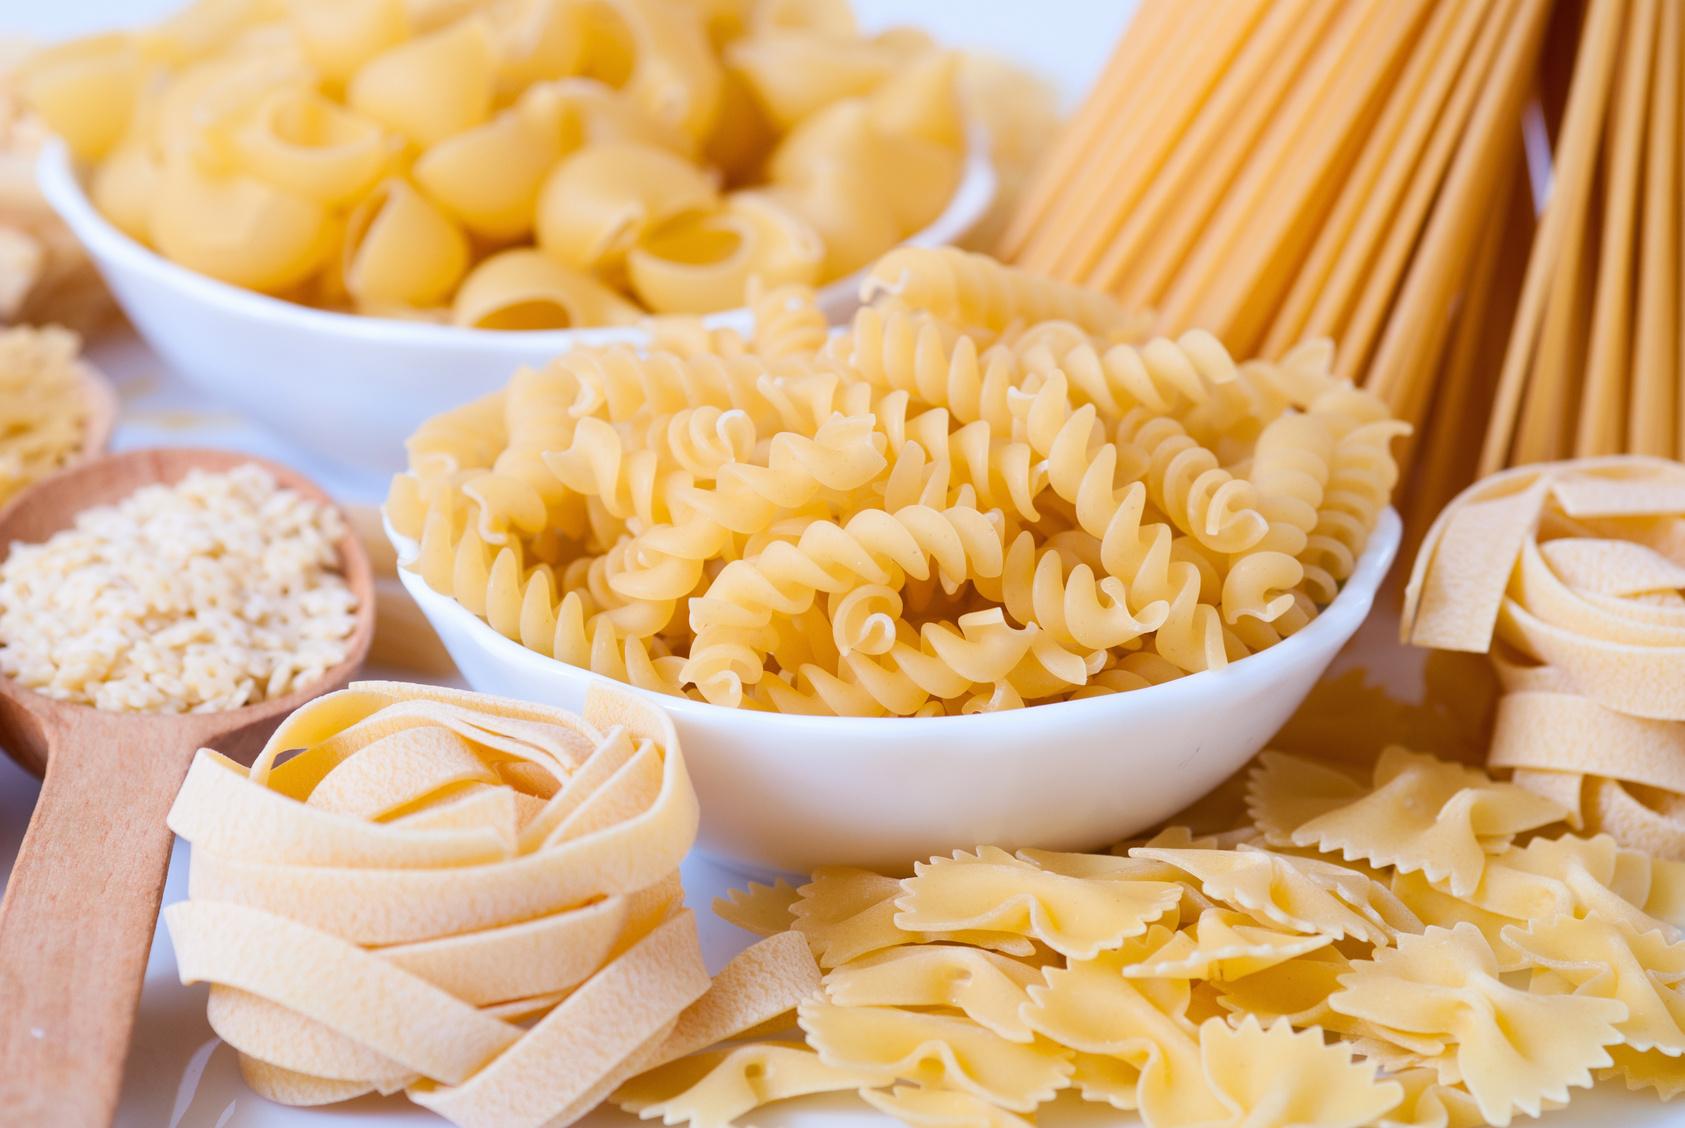 Toscana, alimenti senza glutine con la tessera sanitaria